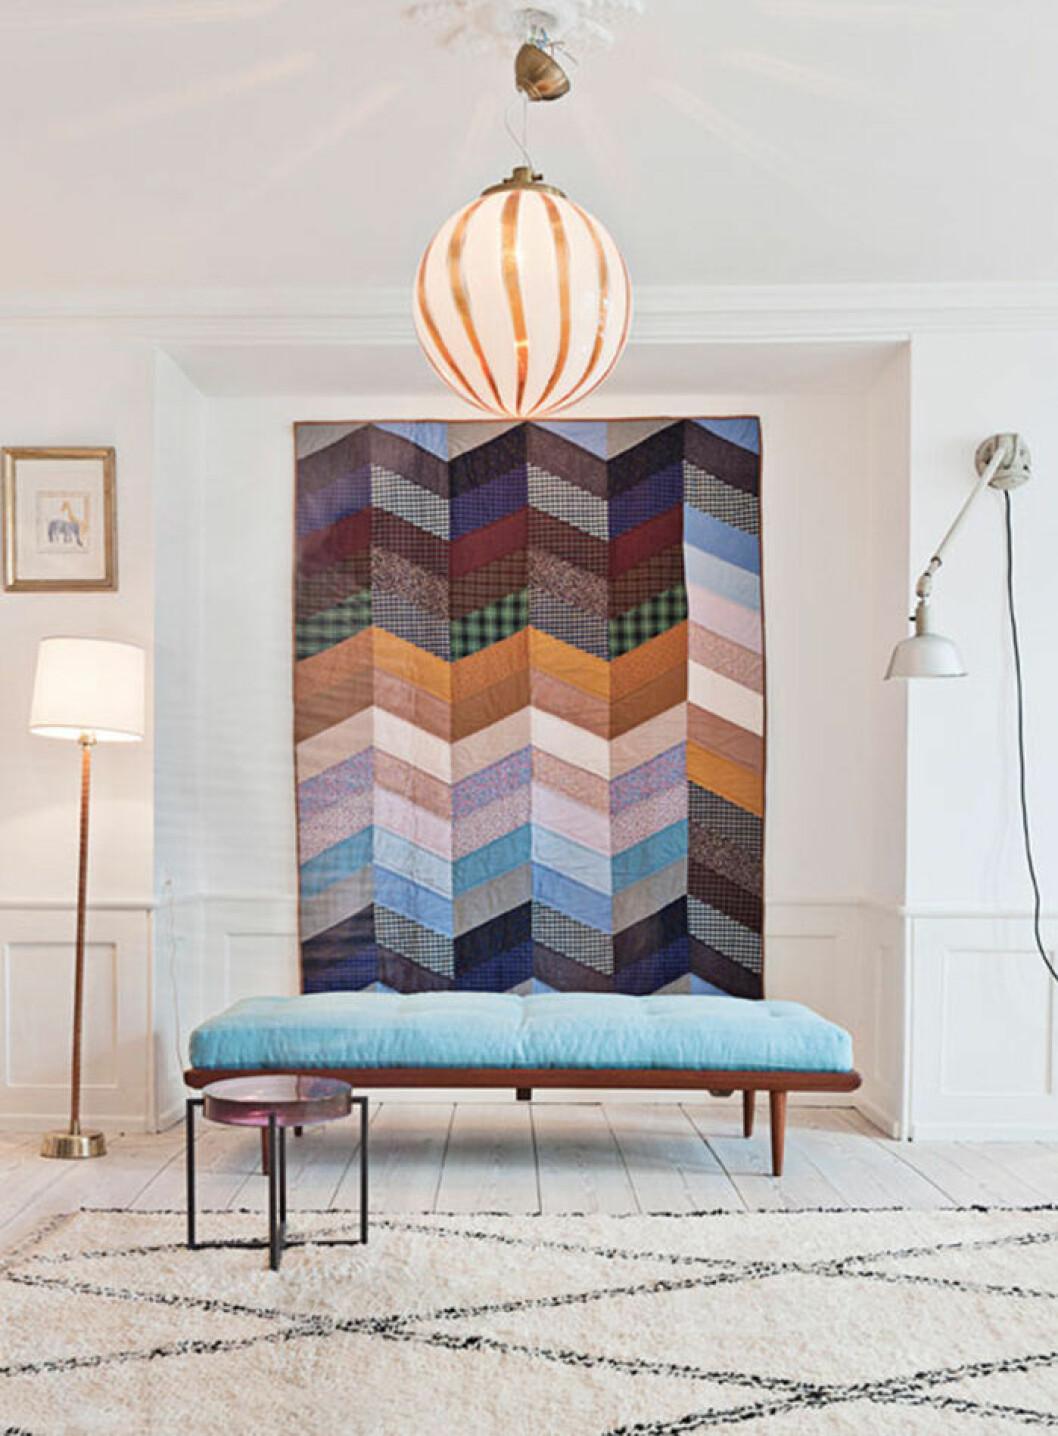 Textilkonst är trendigt på Pinterst 2019